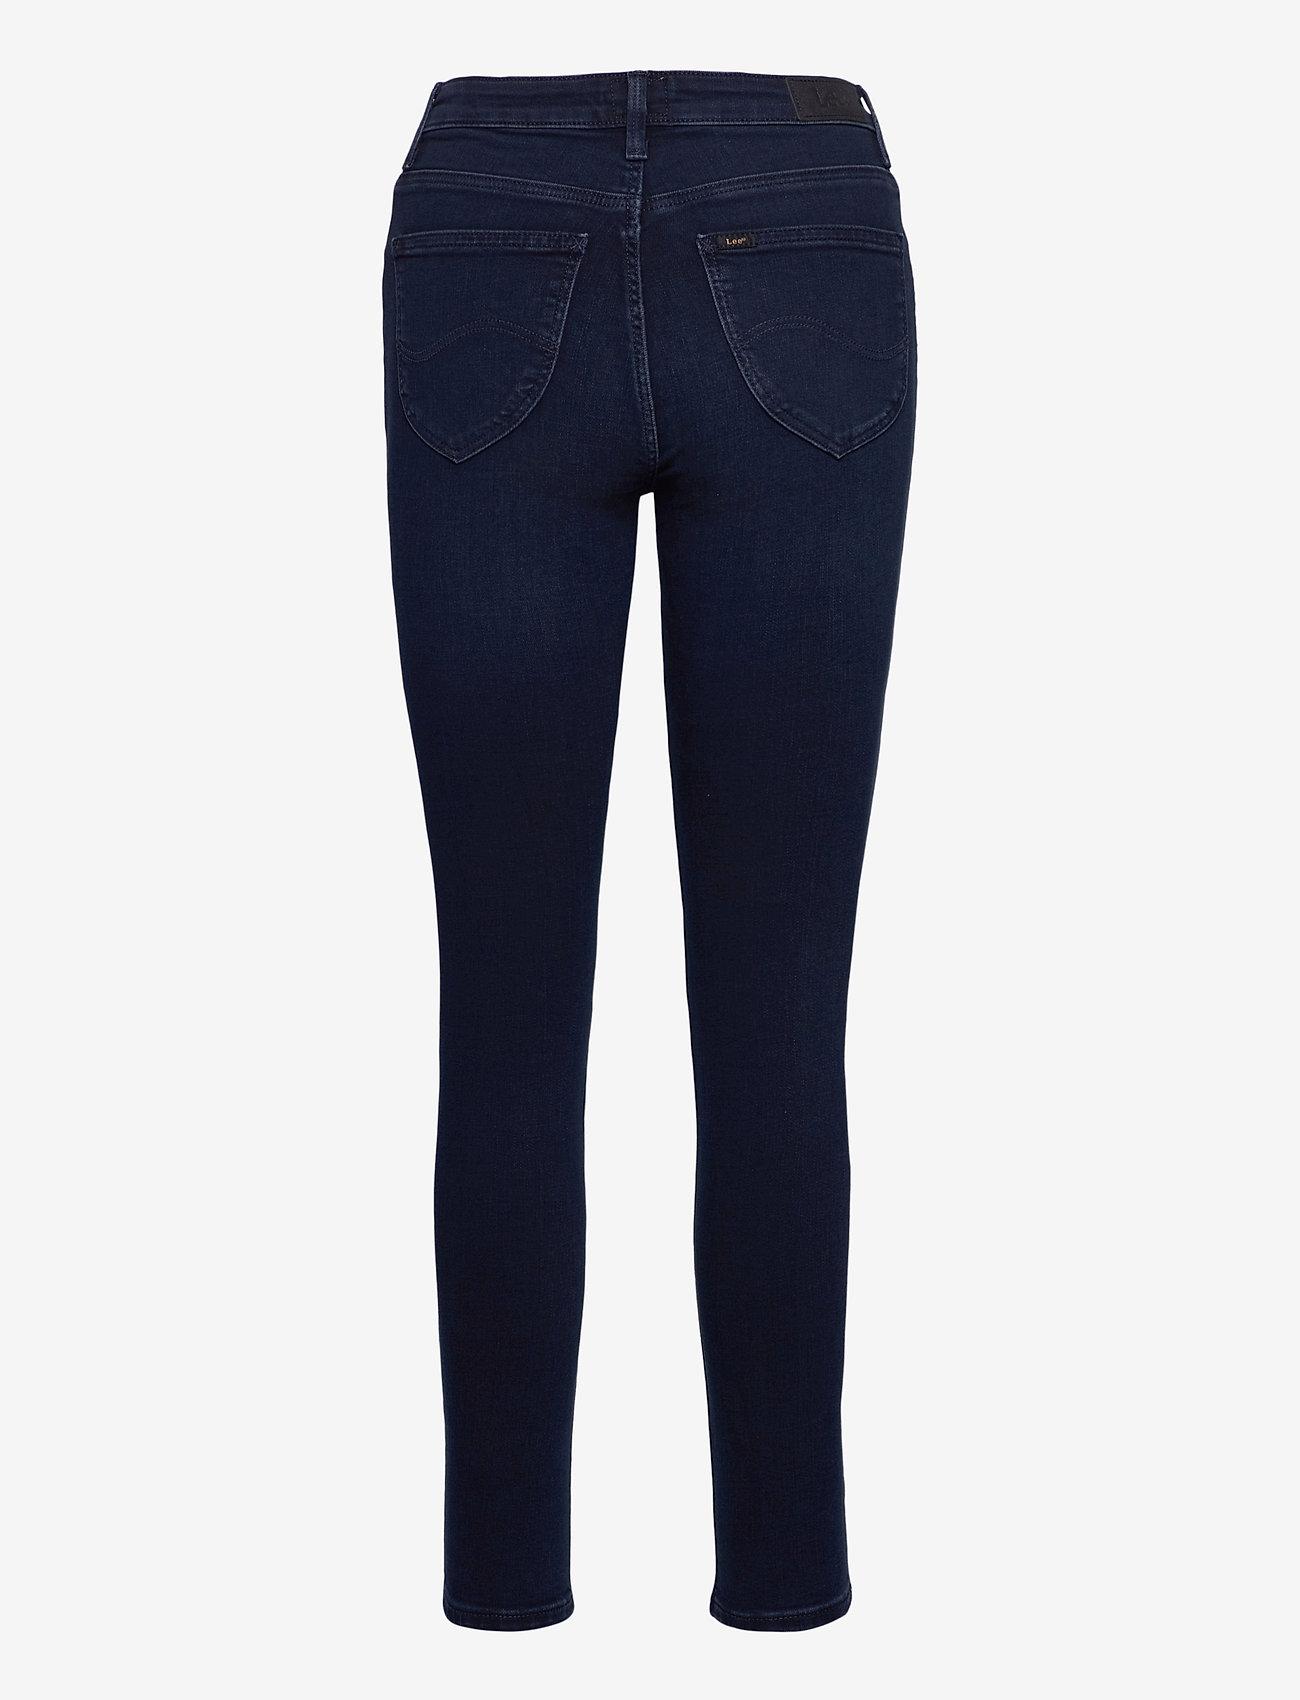 Lee Jeans - SCARLETT HIGH - slim jeans - worn ebony - 1